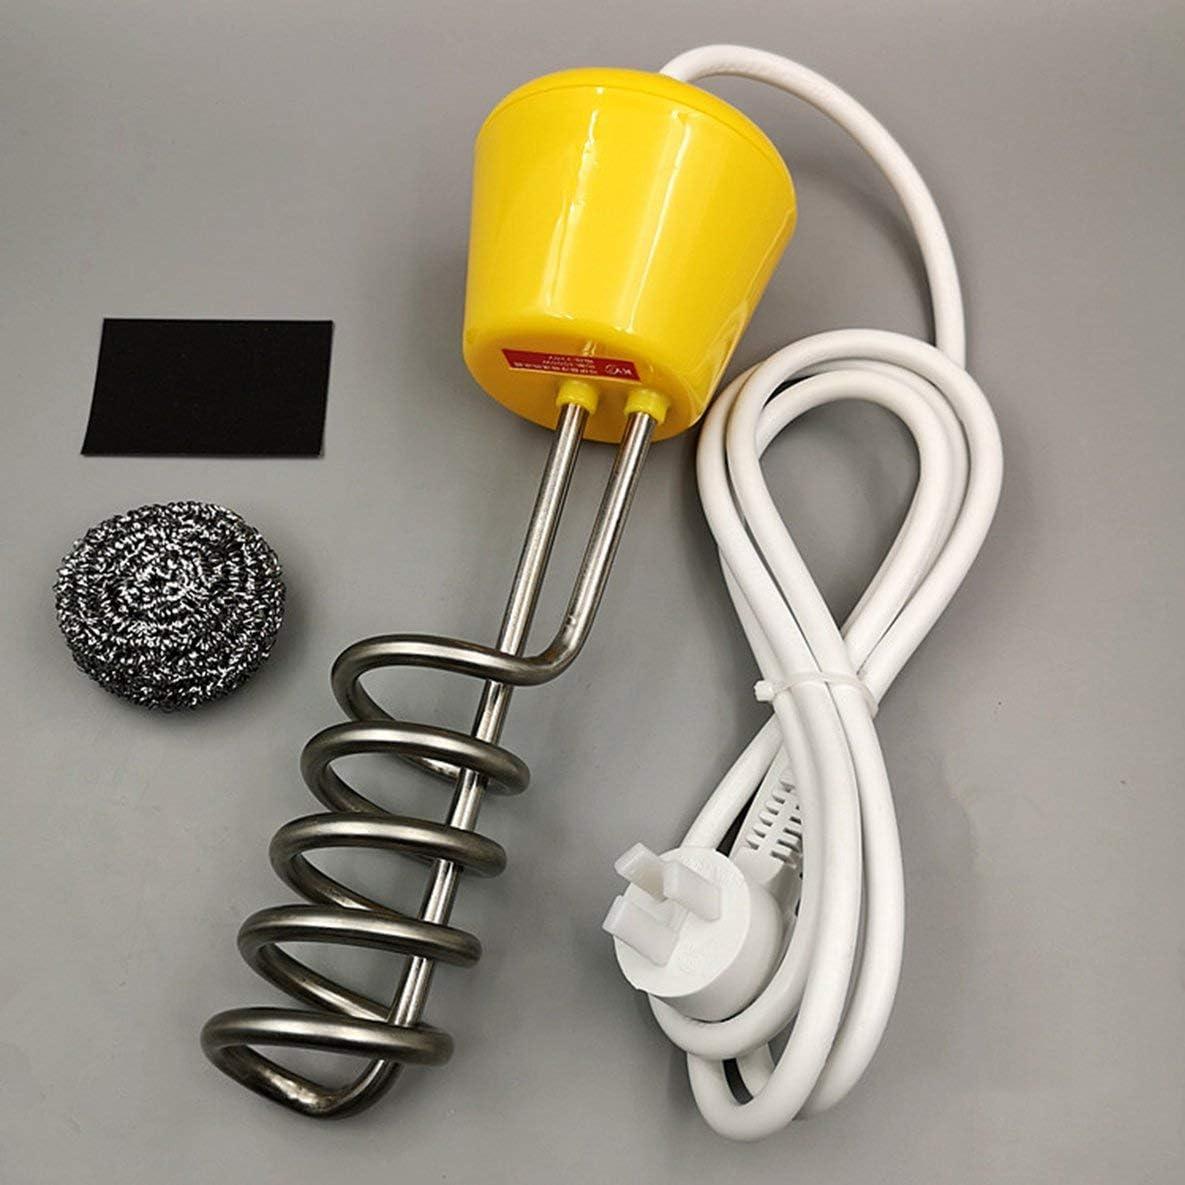 Rouku Calentador de suspensión Acero Inoxidable rápido y Caliente 3000 W Bañera Bañera Calentador de Alta Potencia Caldera de Agua